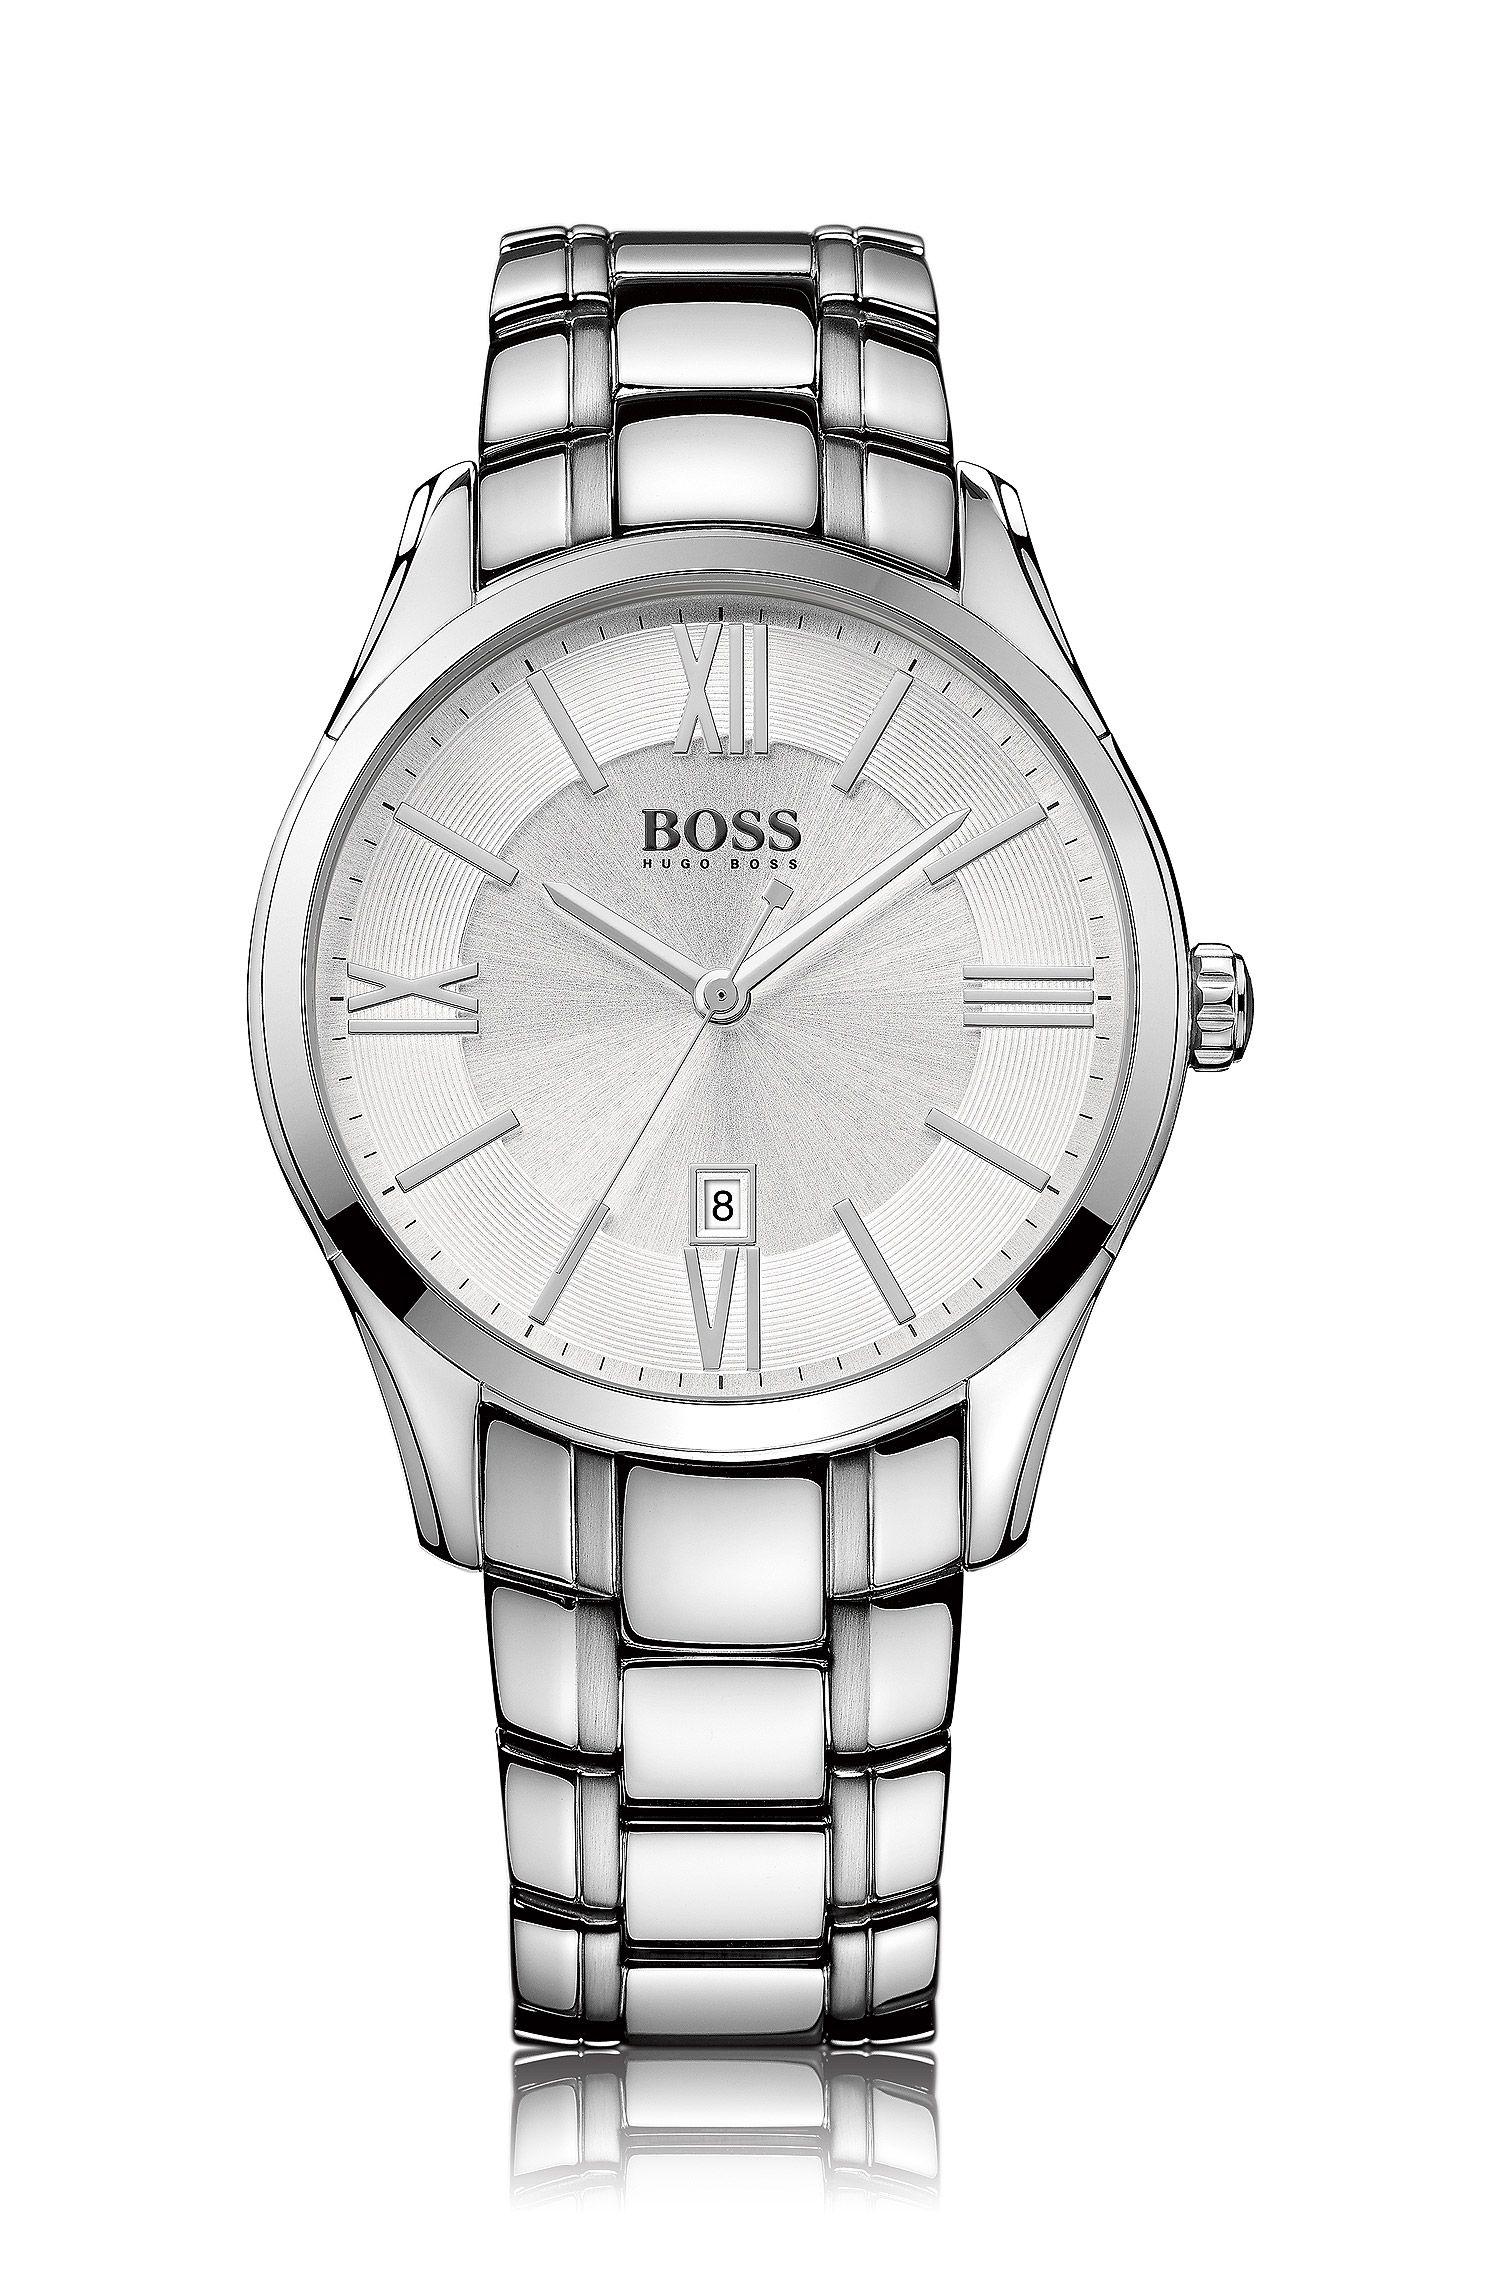 Montre-bracelet «HB6038» avec cadran blanc